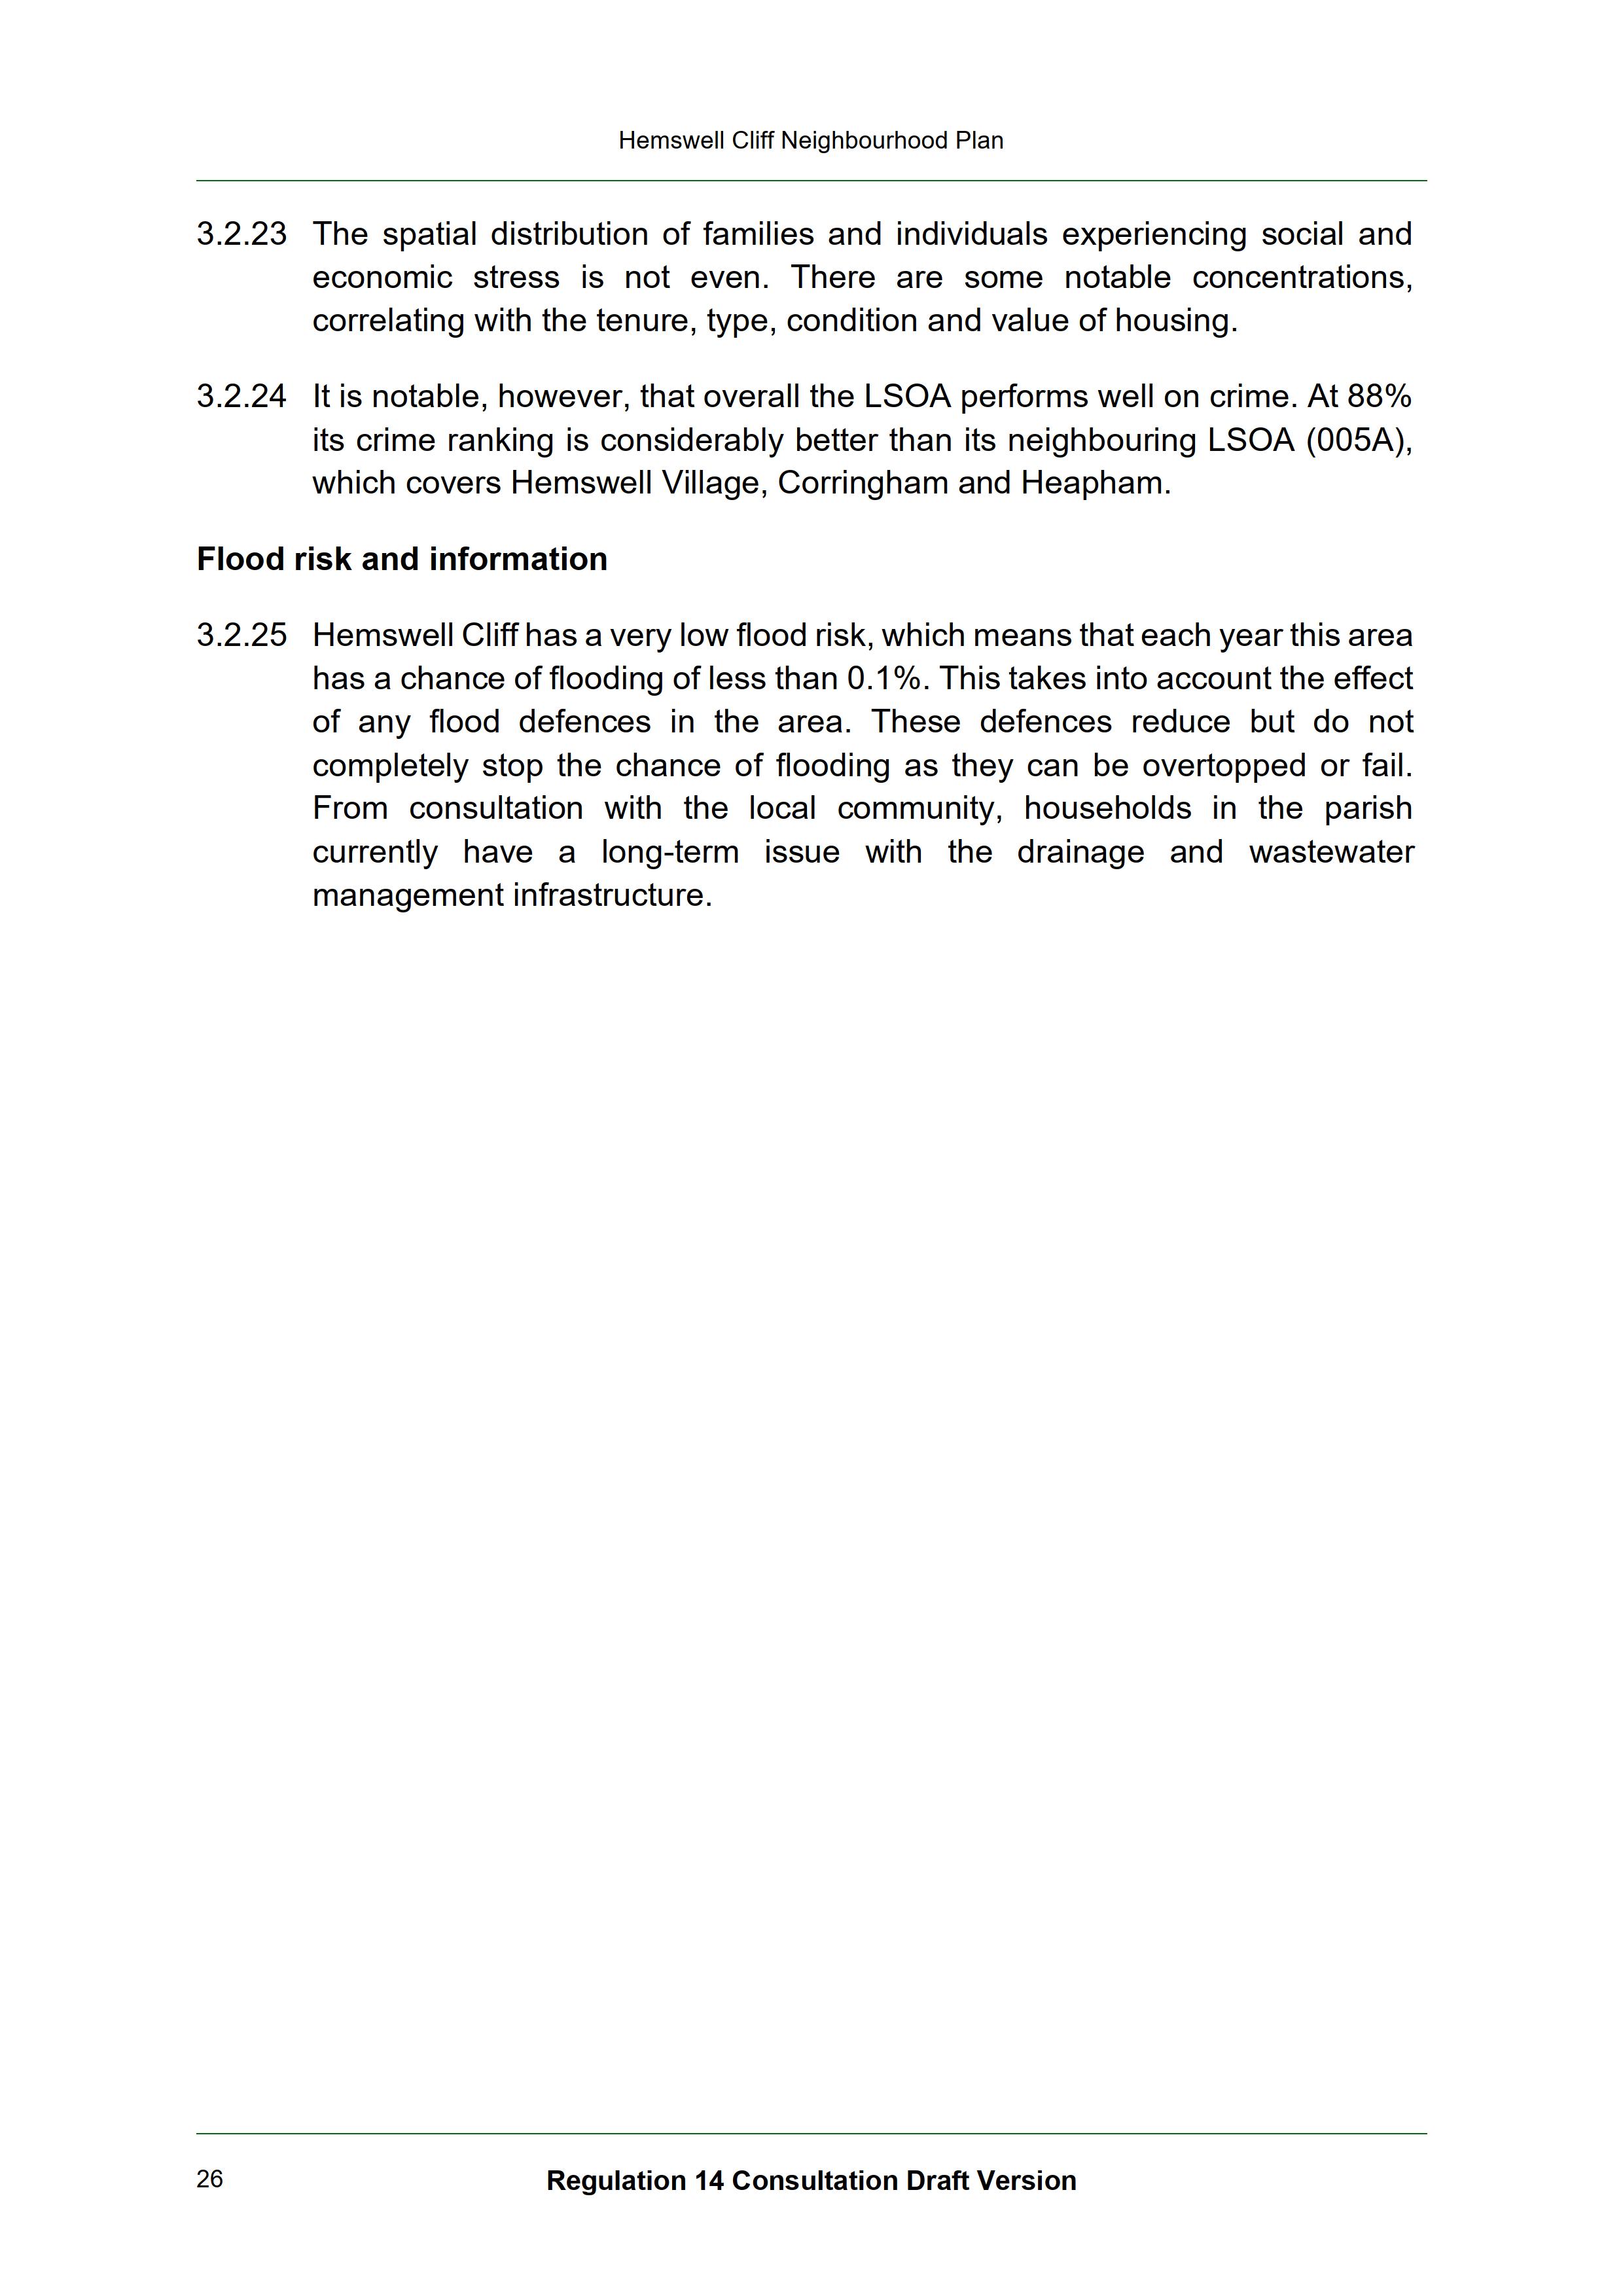 Hemswell_Cliff_R14_Draft_Neighbourhood_Plan_26.png